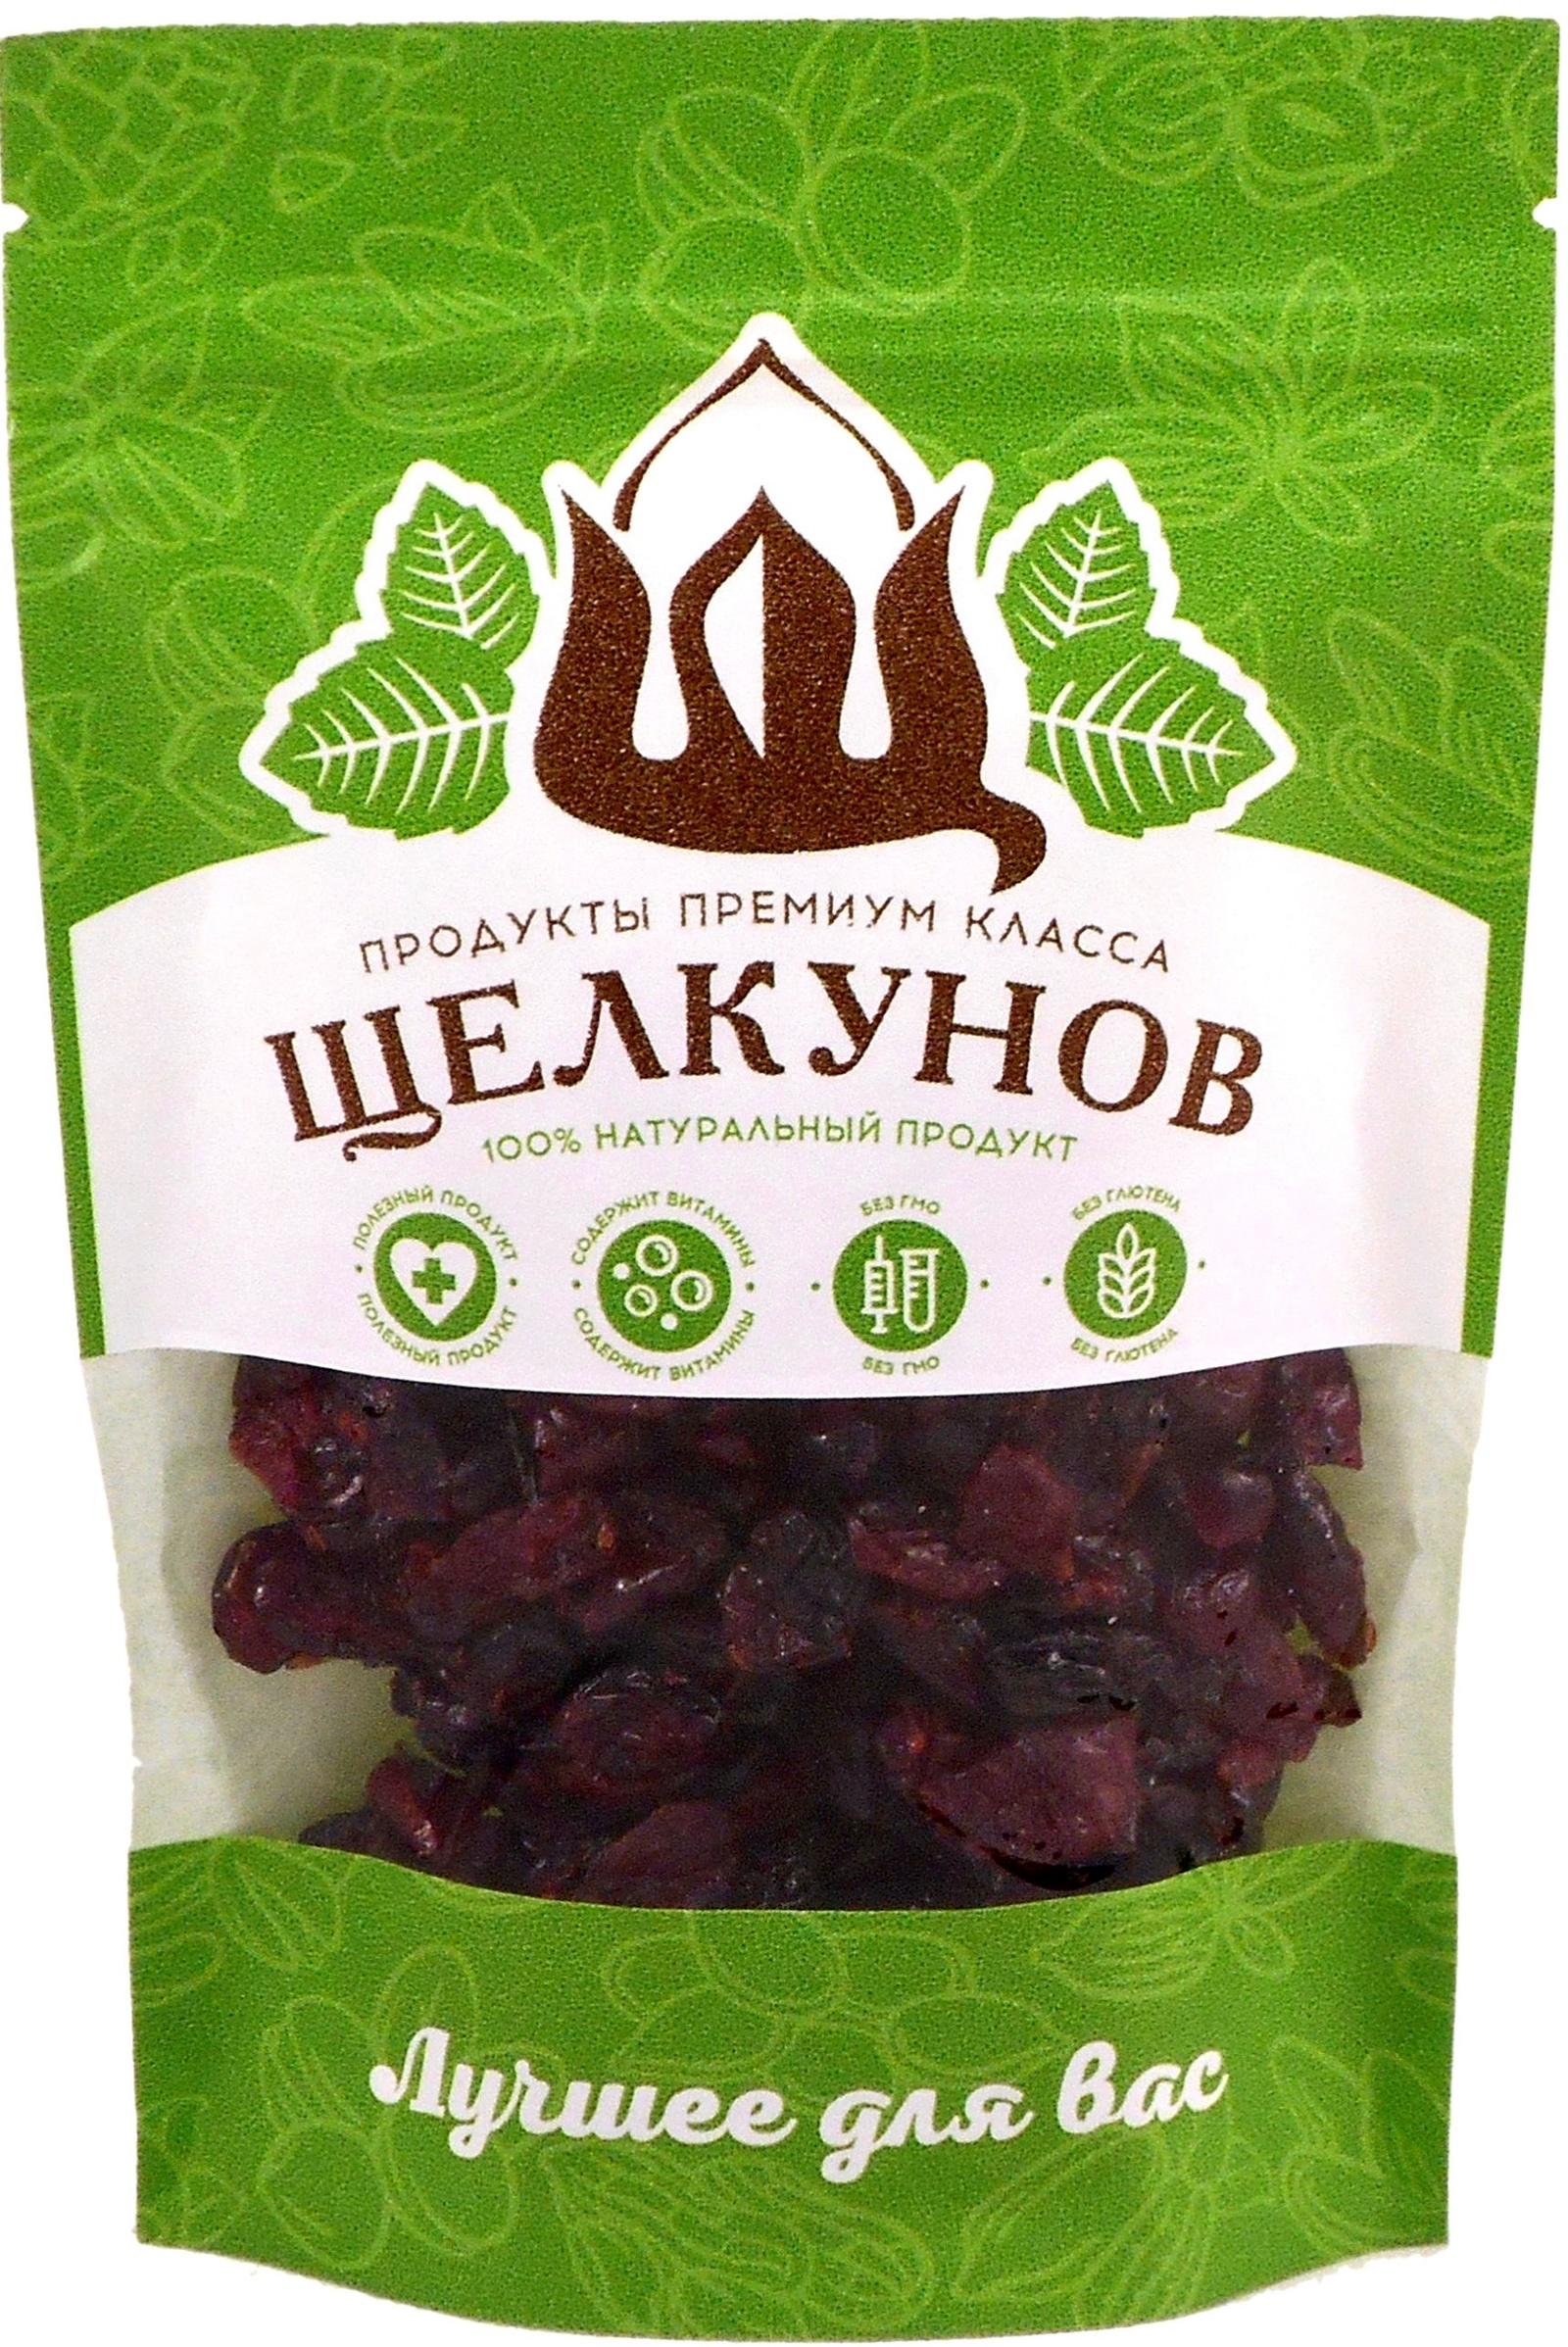 Ягоды сушеные Щелкунов Клюква сушеная (цукат), 120 г